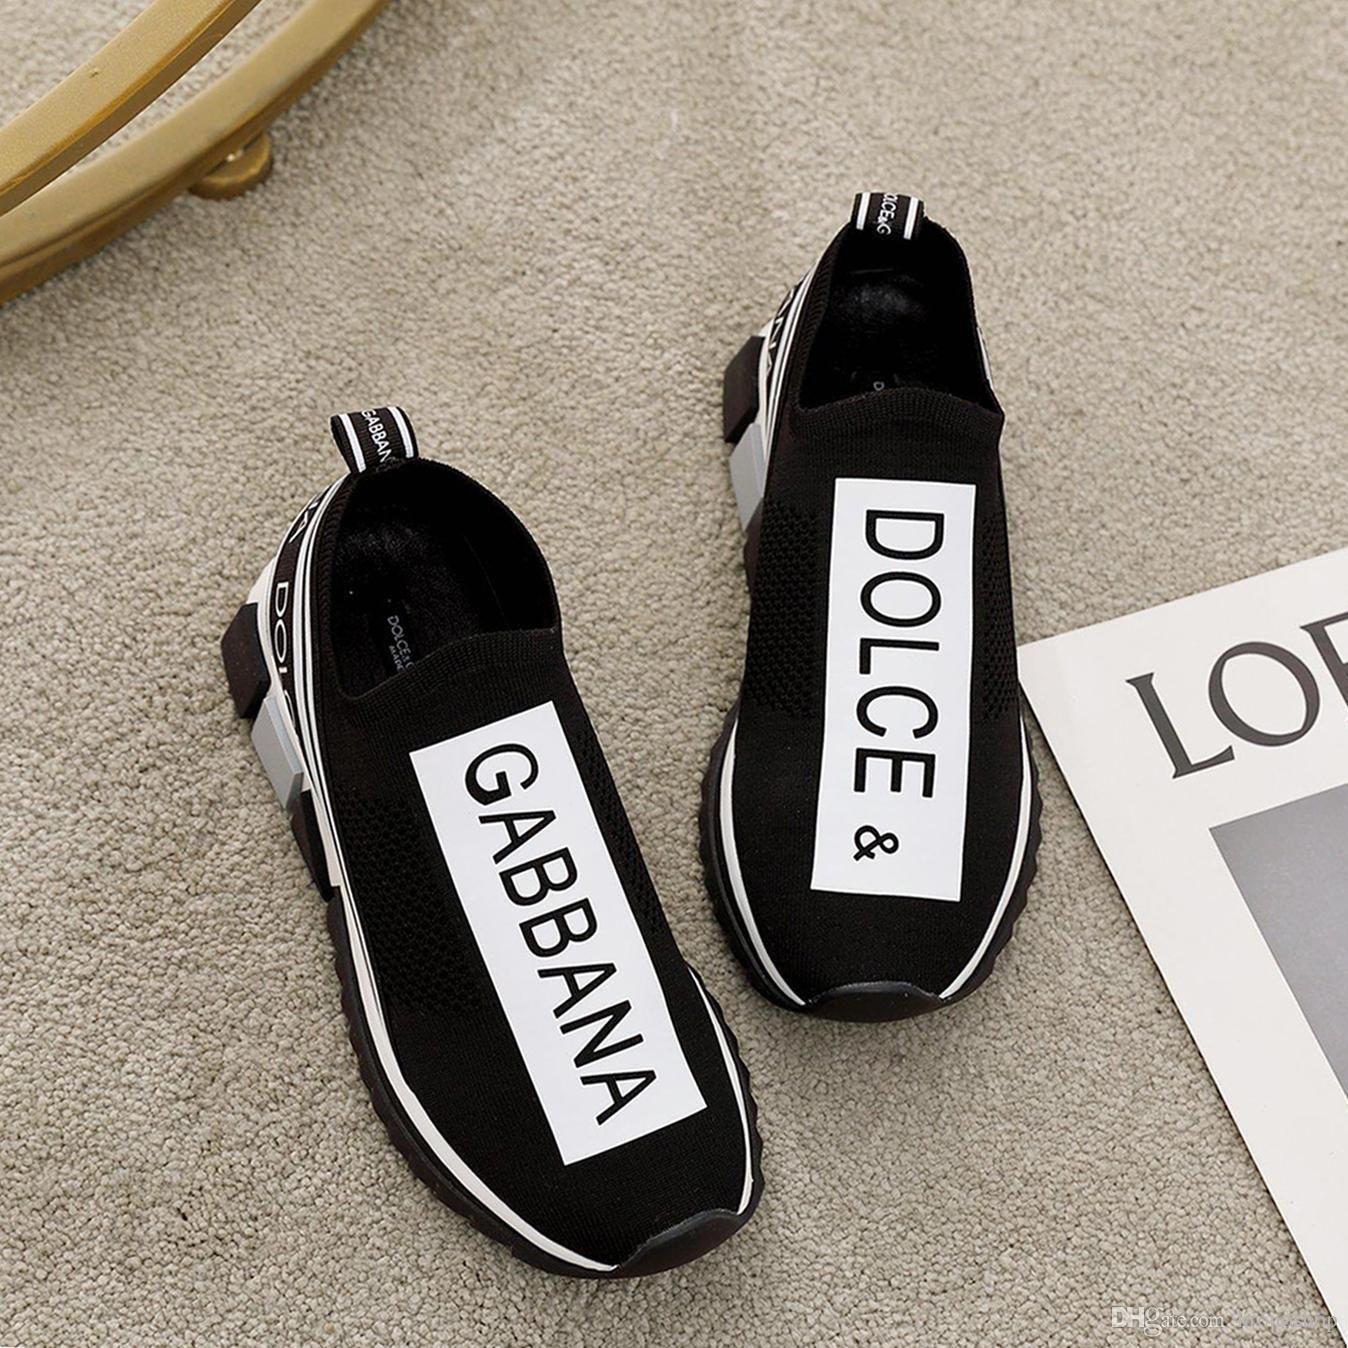 Nueva lista salvaje patrón de impresión Casual Zapatos personalidad zapatos casuales para hombre de calidad superior, la tela de estiramiento para hombre zapatos de deporte ocasional Tamaño 38-46 0104